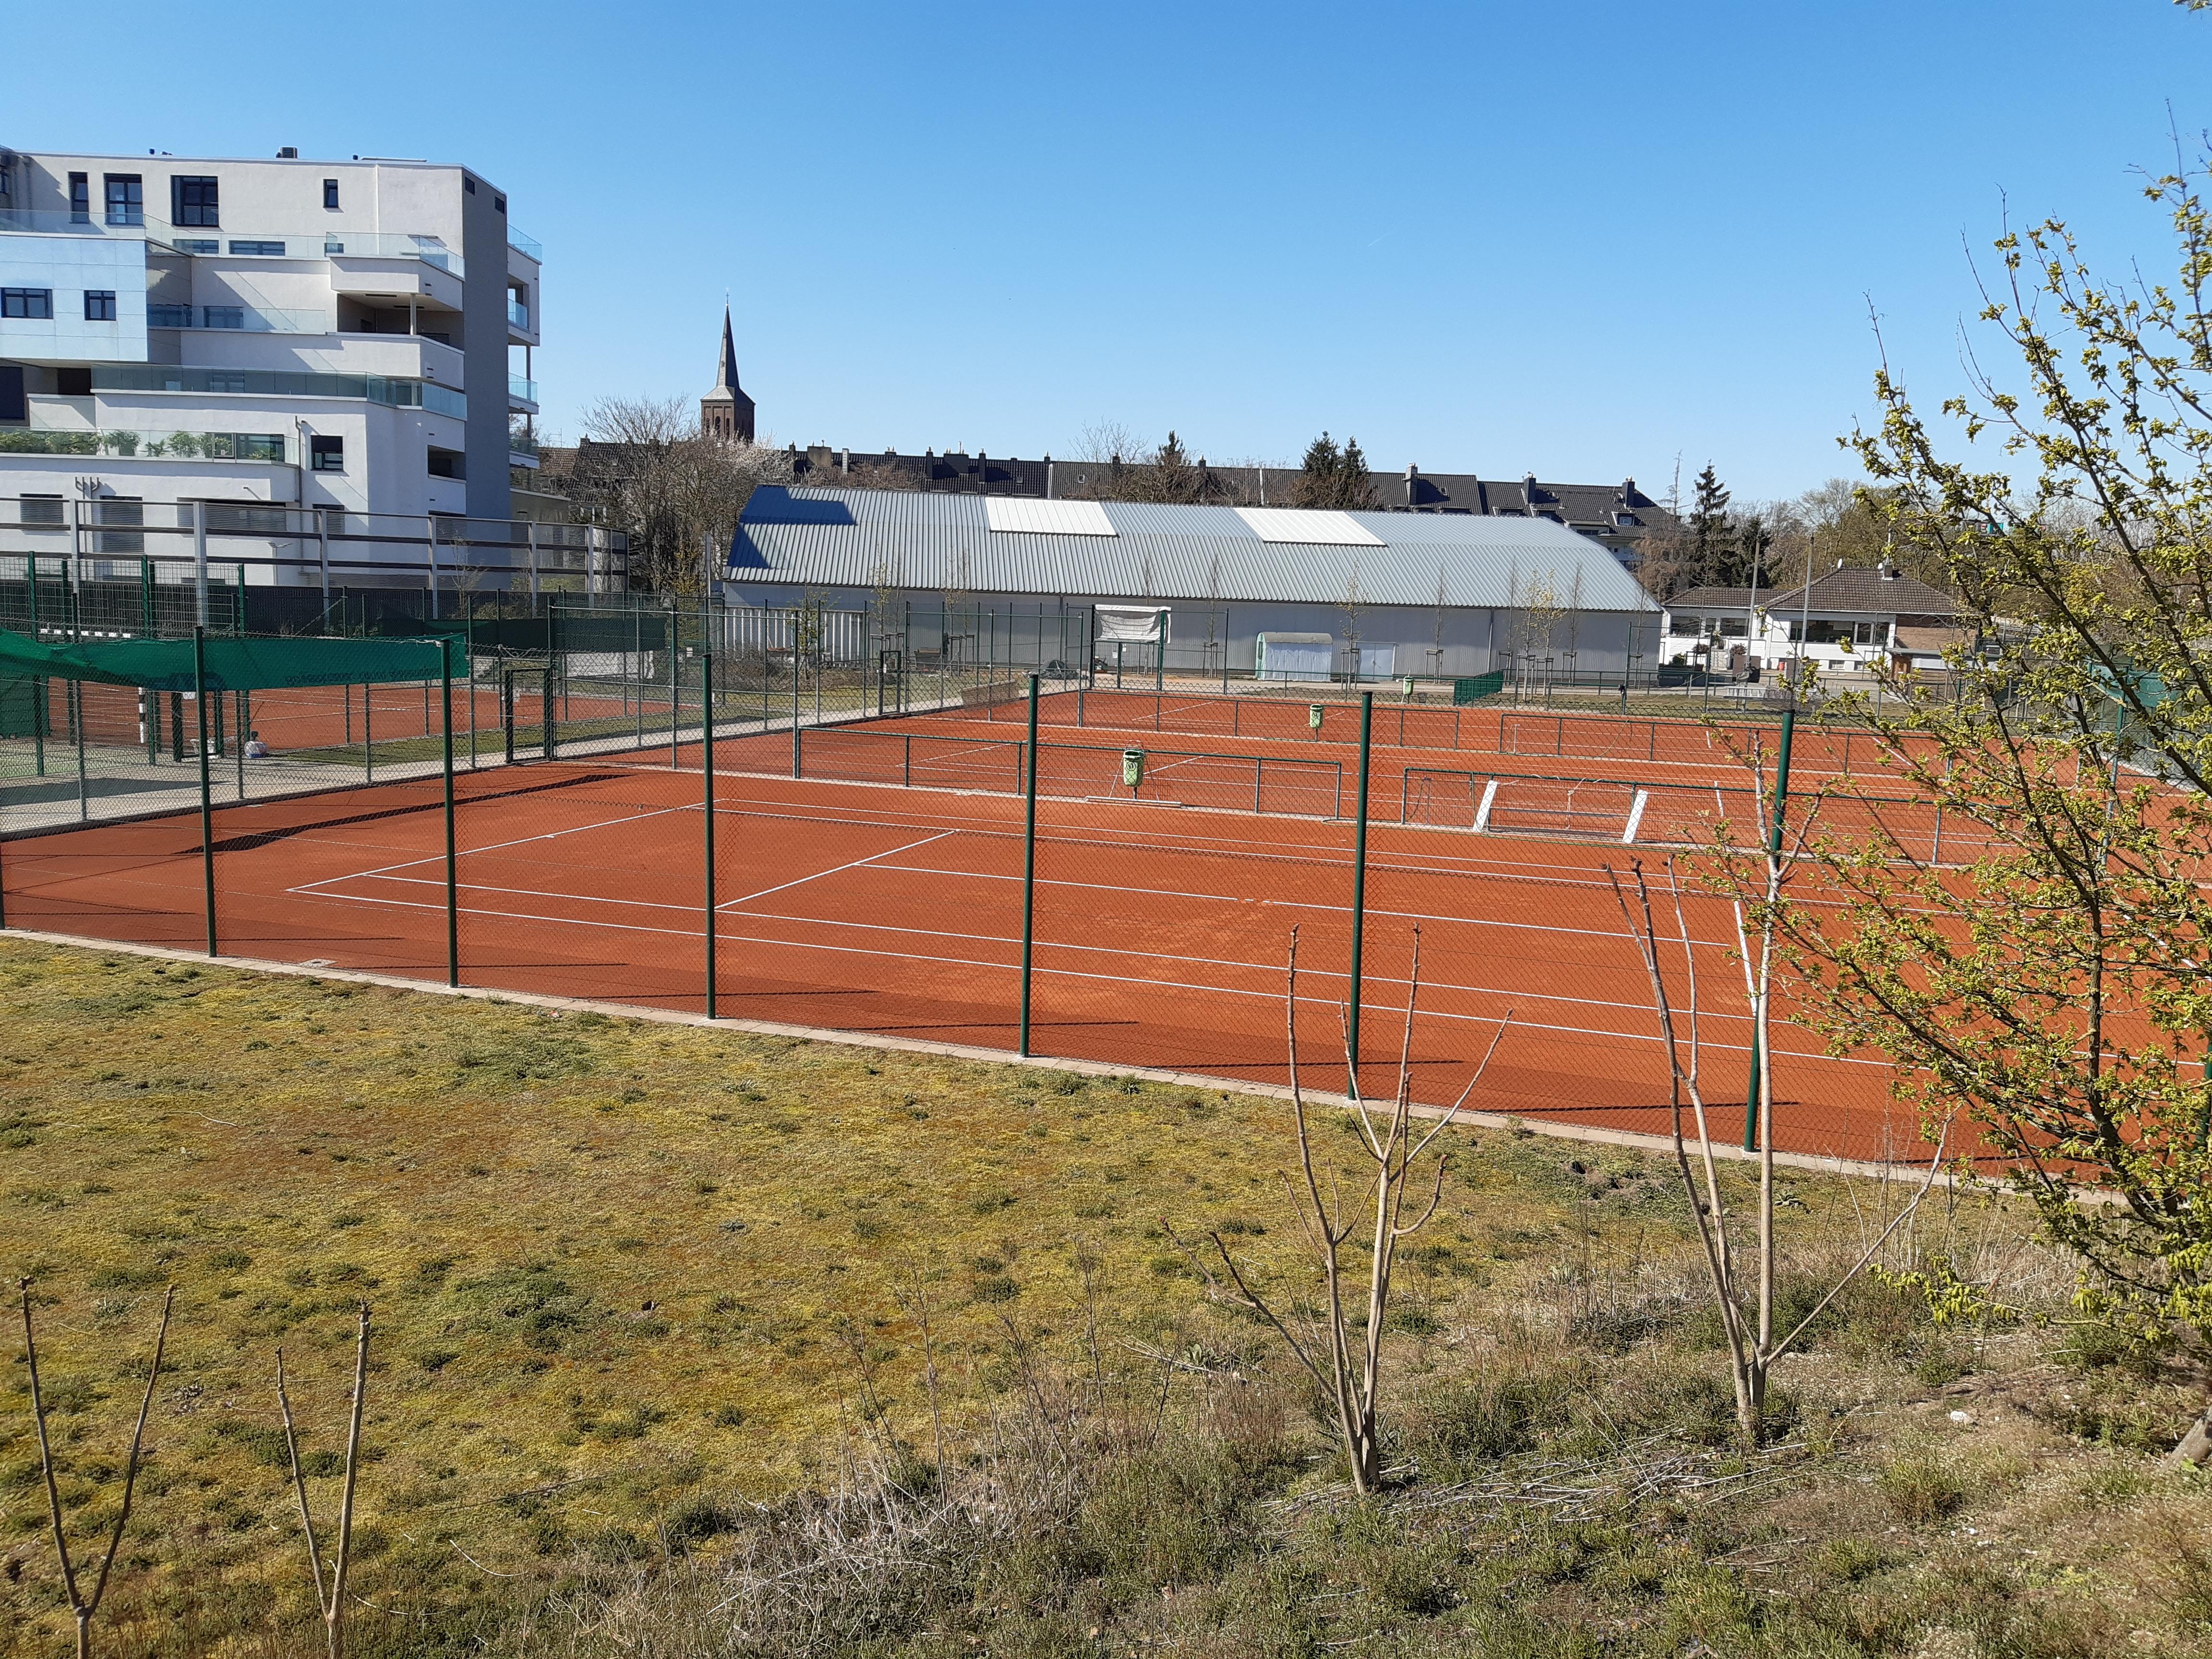 Hoffnung auf differenzierte Regelung für Tennis